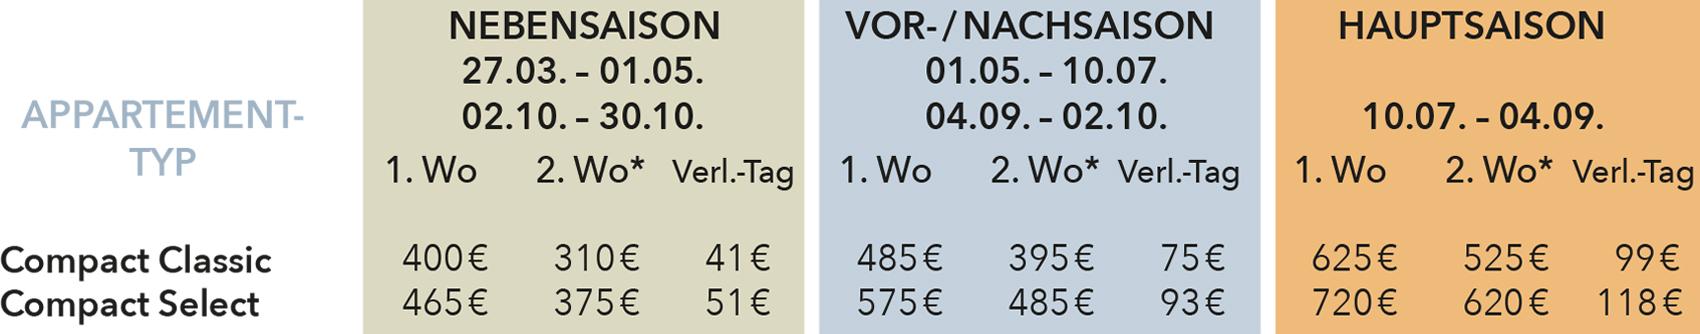 Korsika-Preisliste-compact-2021_v2